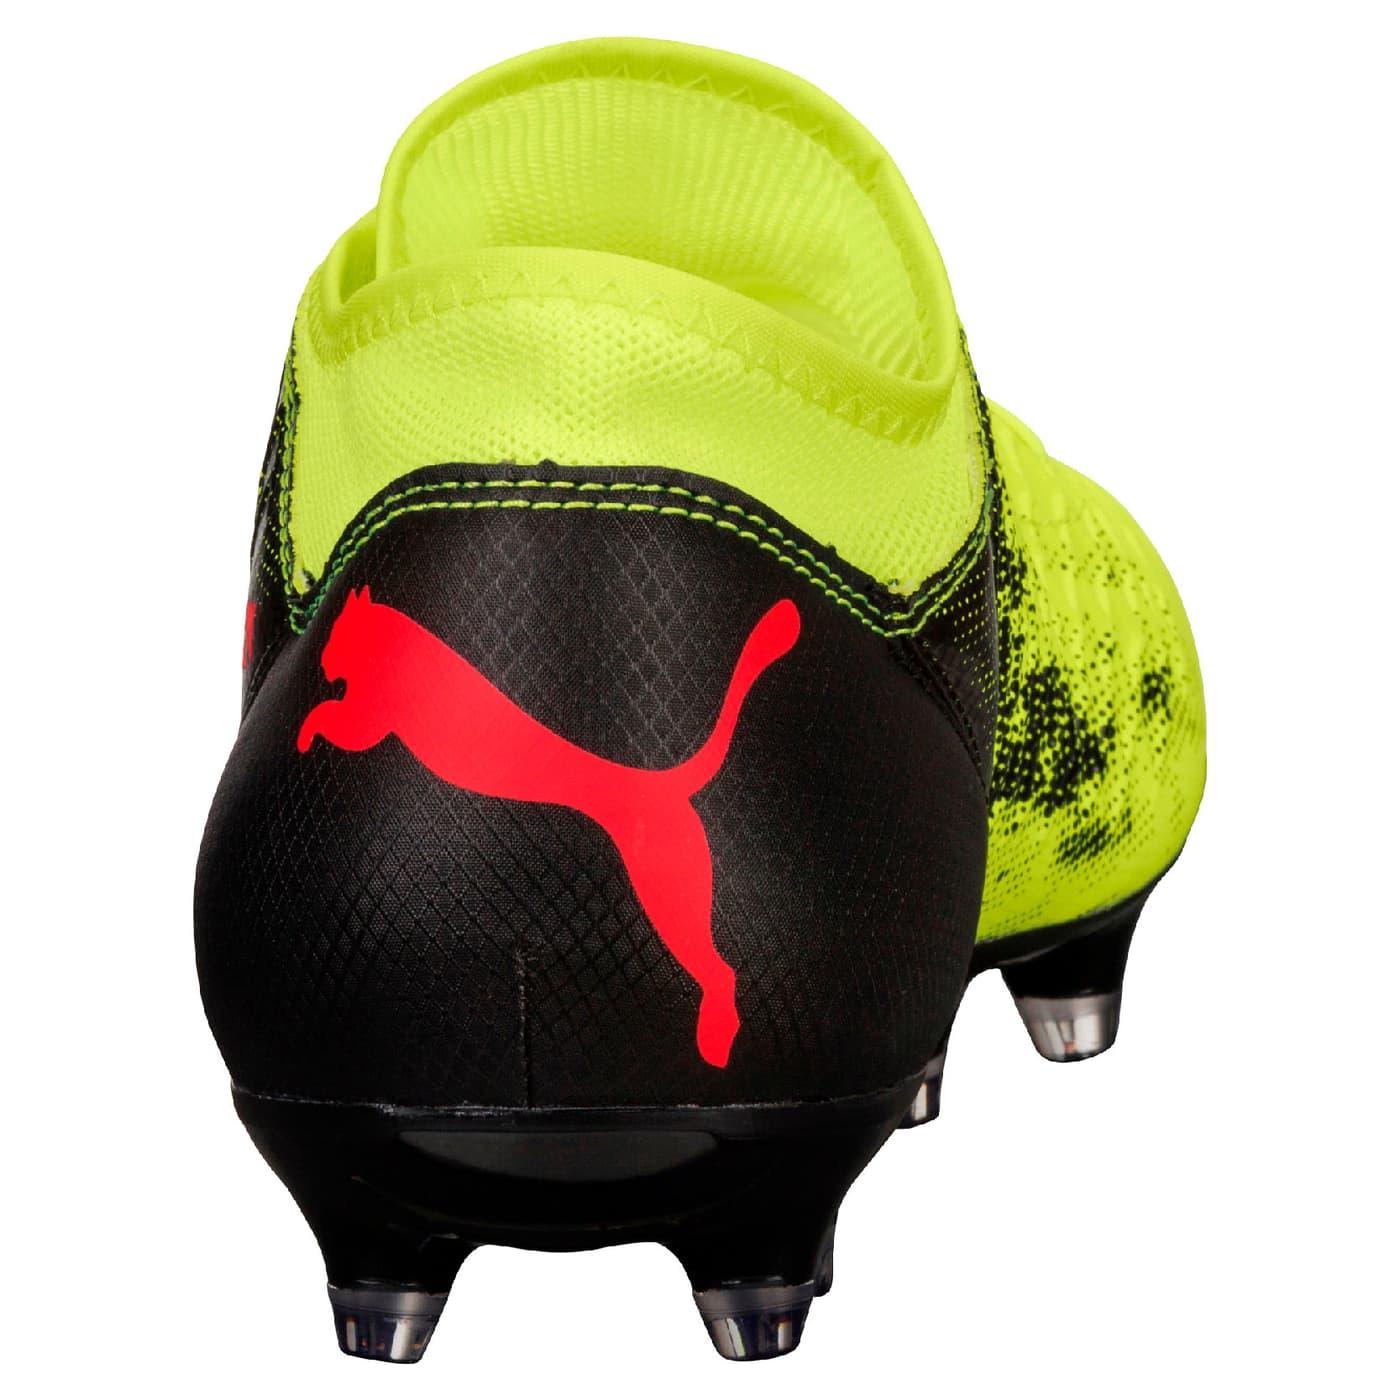 590994d2e45 Pour Enfant Chaussures Future 4 18 De Fgag Puma Migros Football 0ASax8A